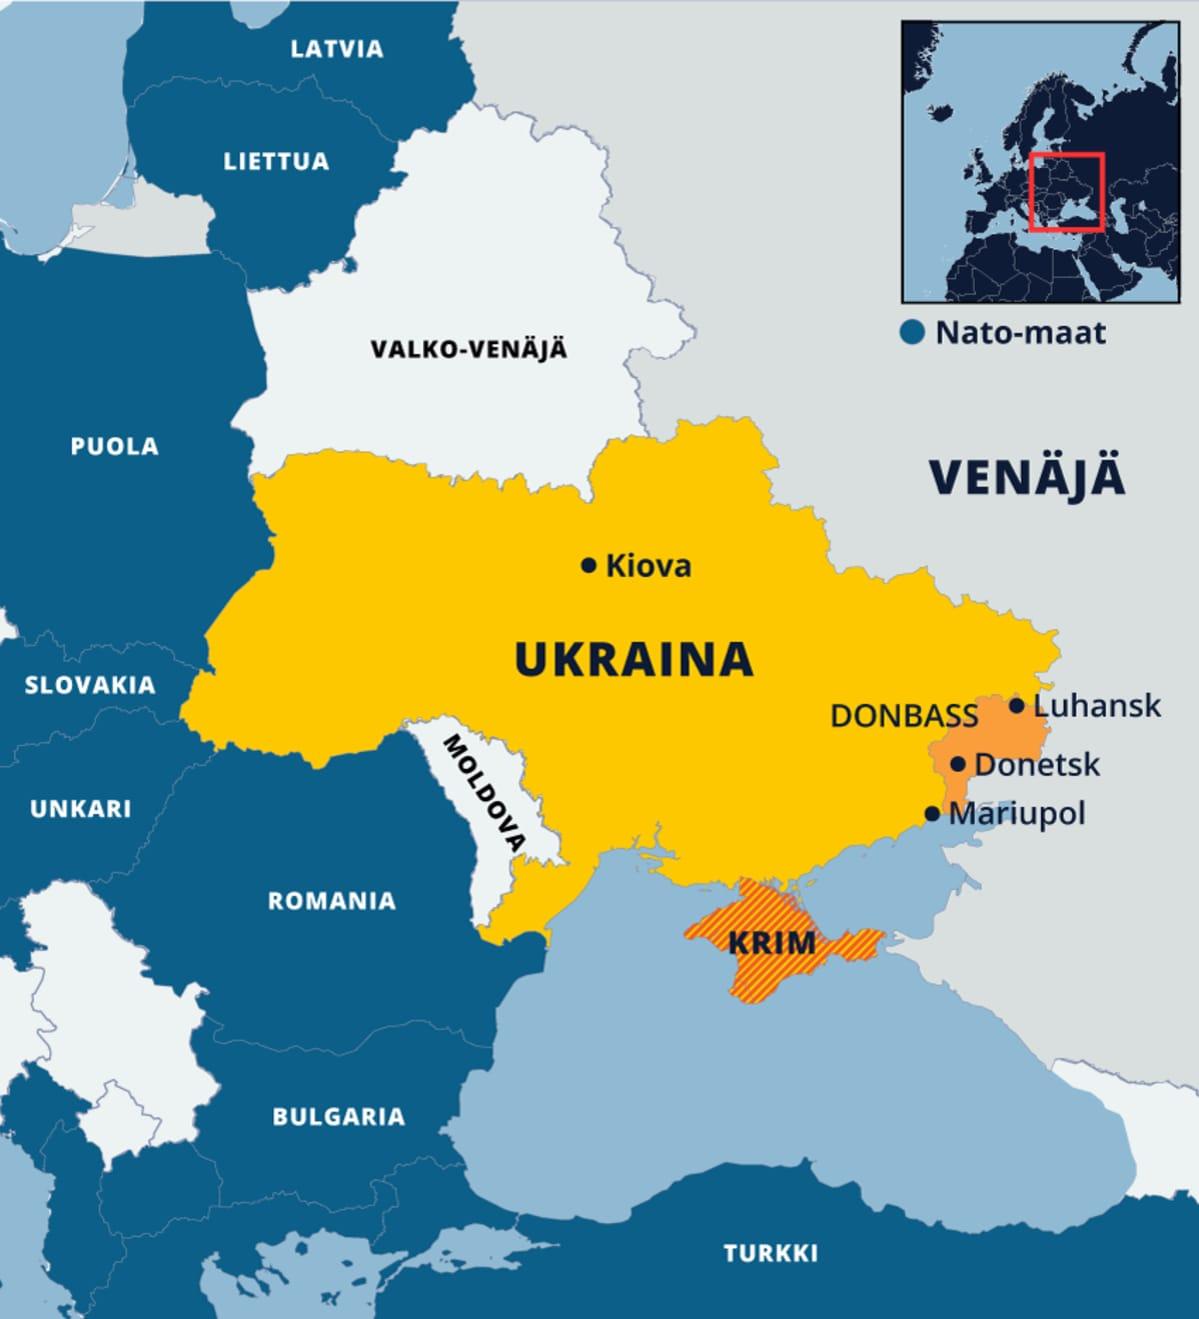 Ukrainan ja sitä ympäröivien Nato-maiden kartta.